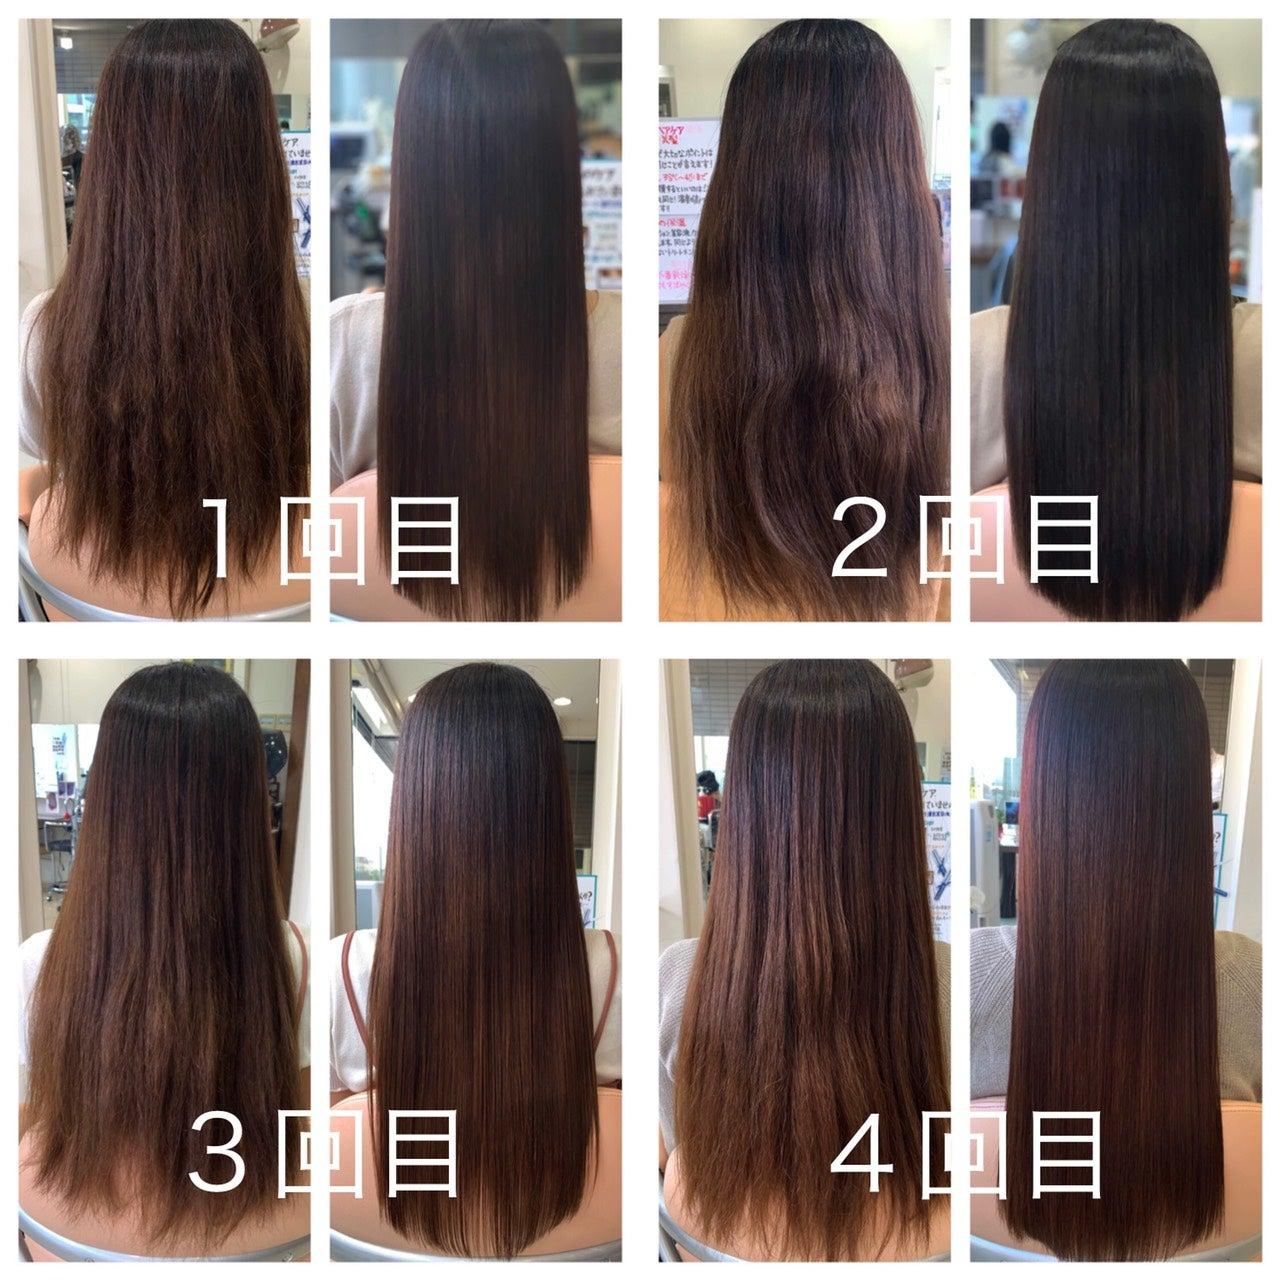 髪質改善プレミアムトリートメント1回、2回、3回、4回!ビフォーアフター!!!